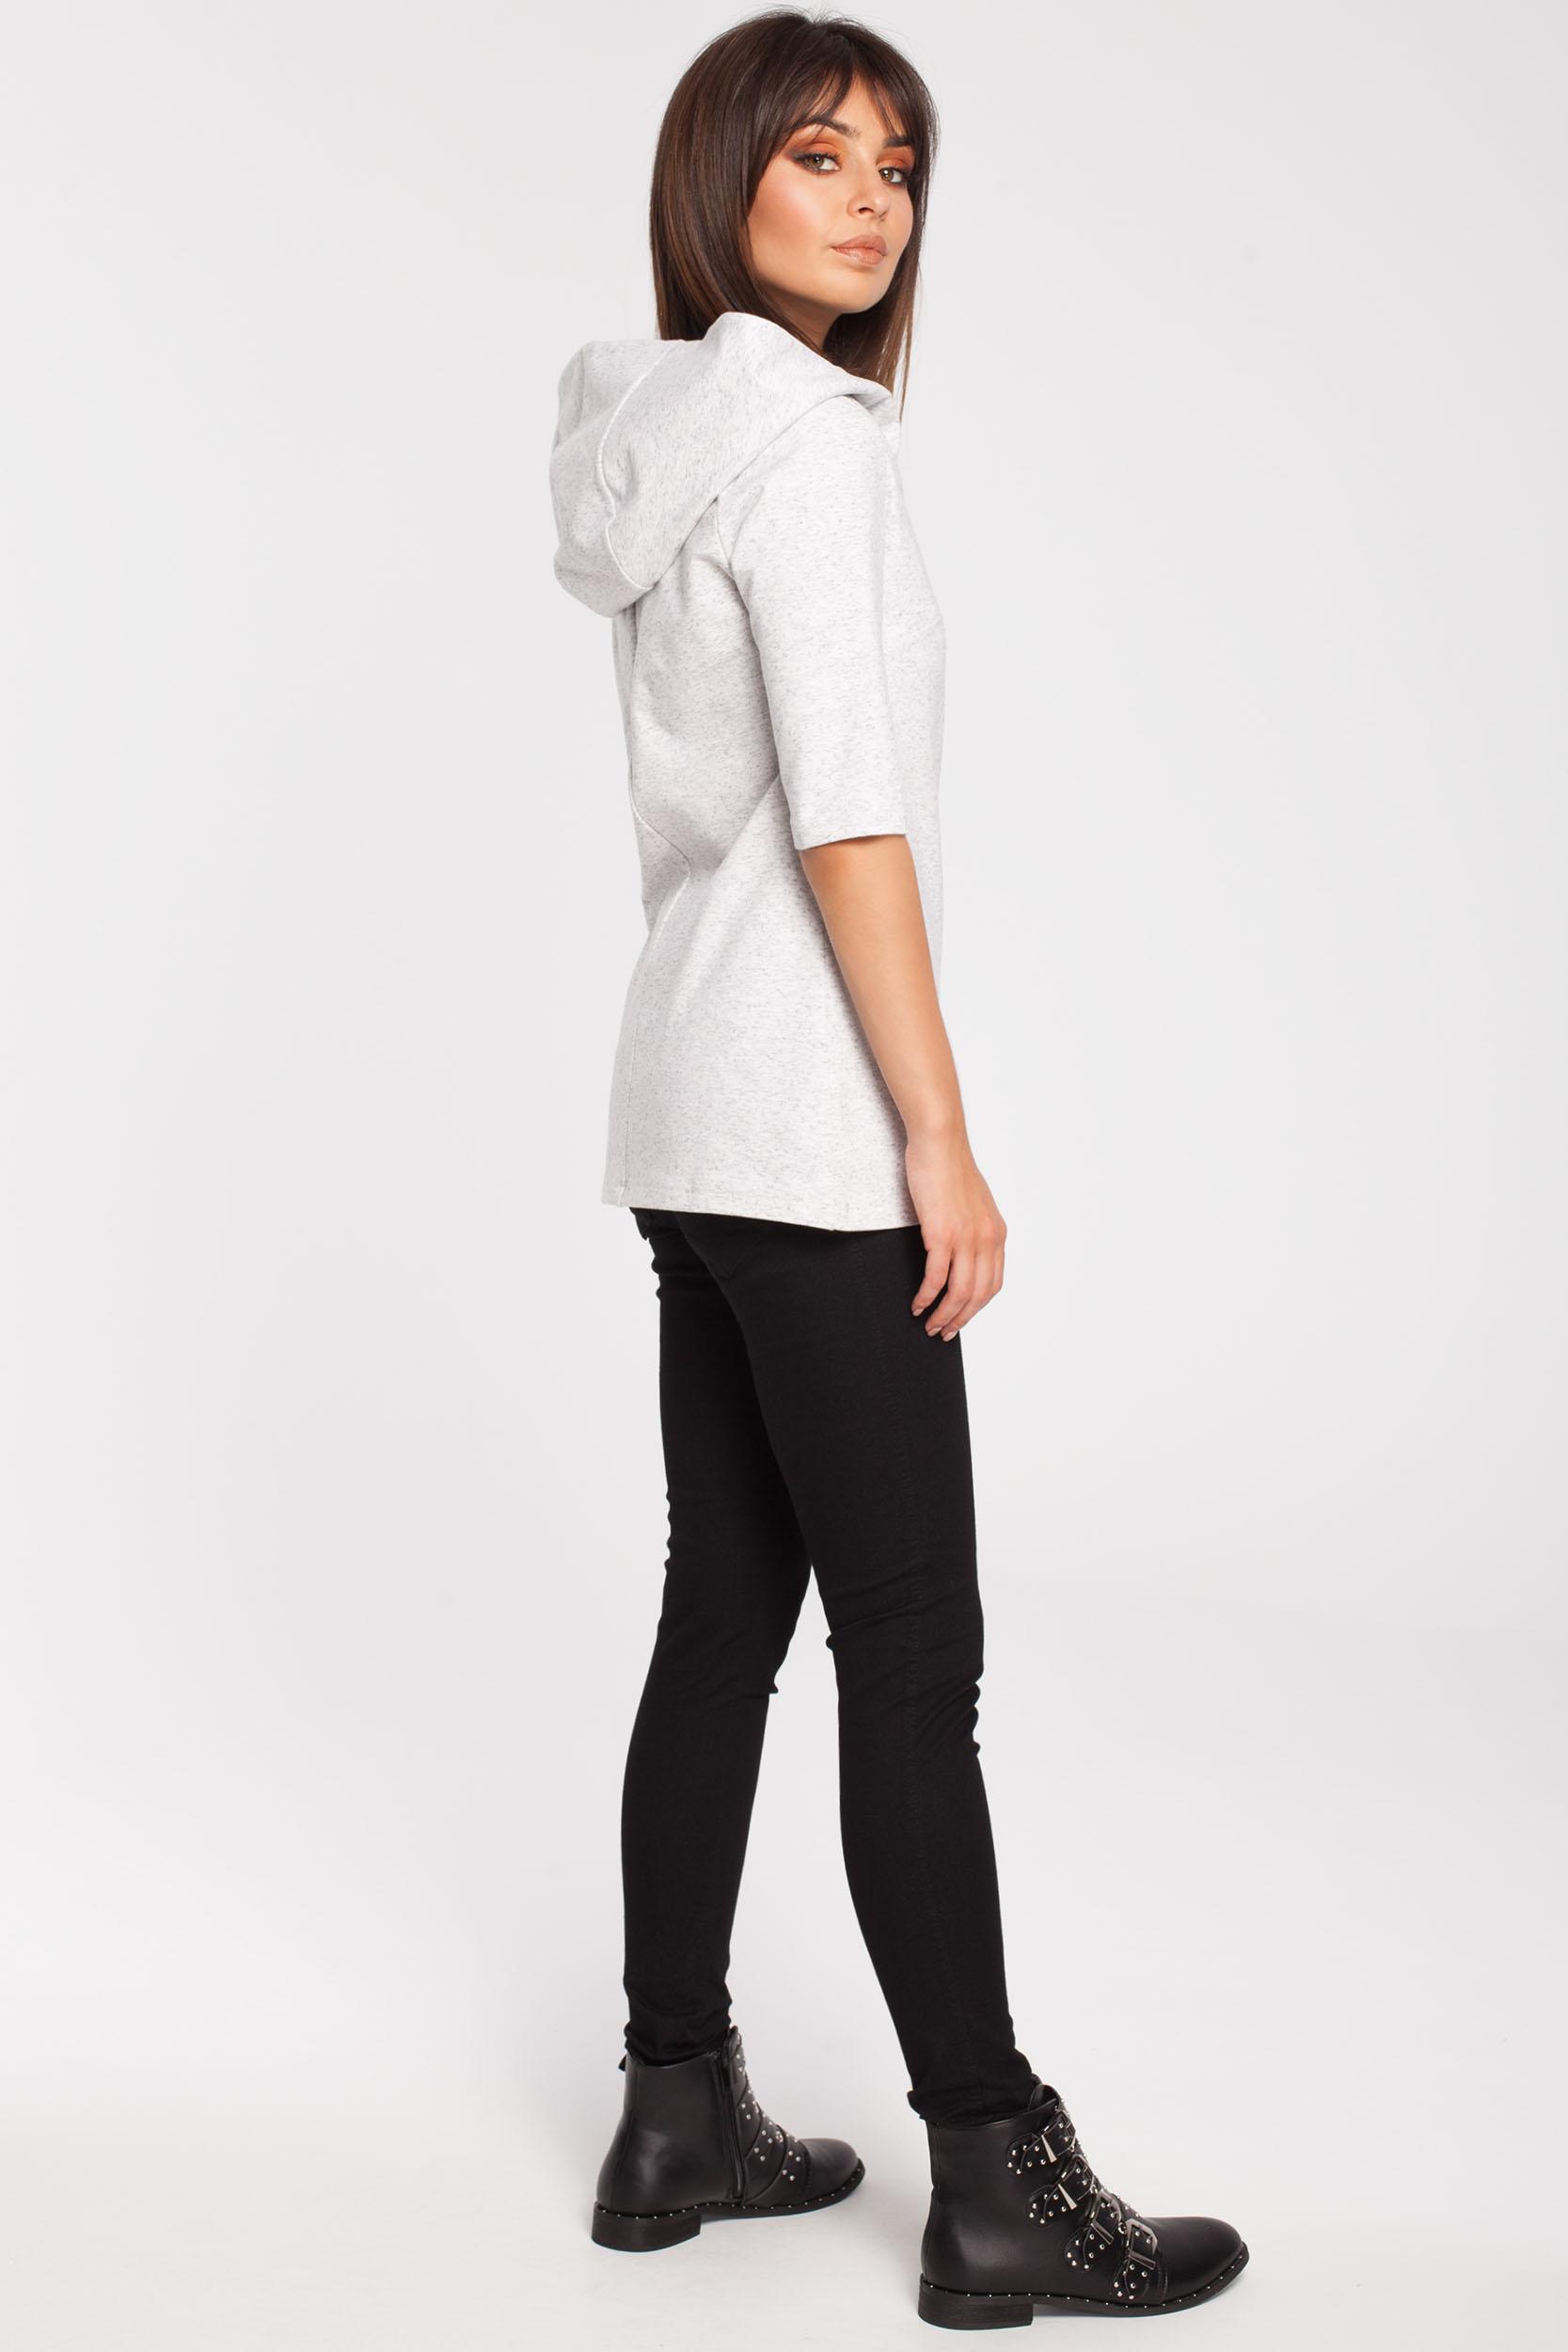 CM2878 Stylowa bluza z kapturem - stracciatella